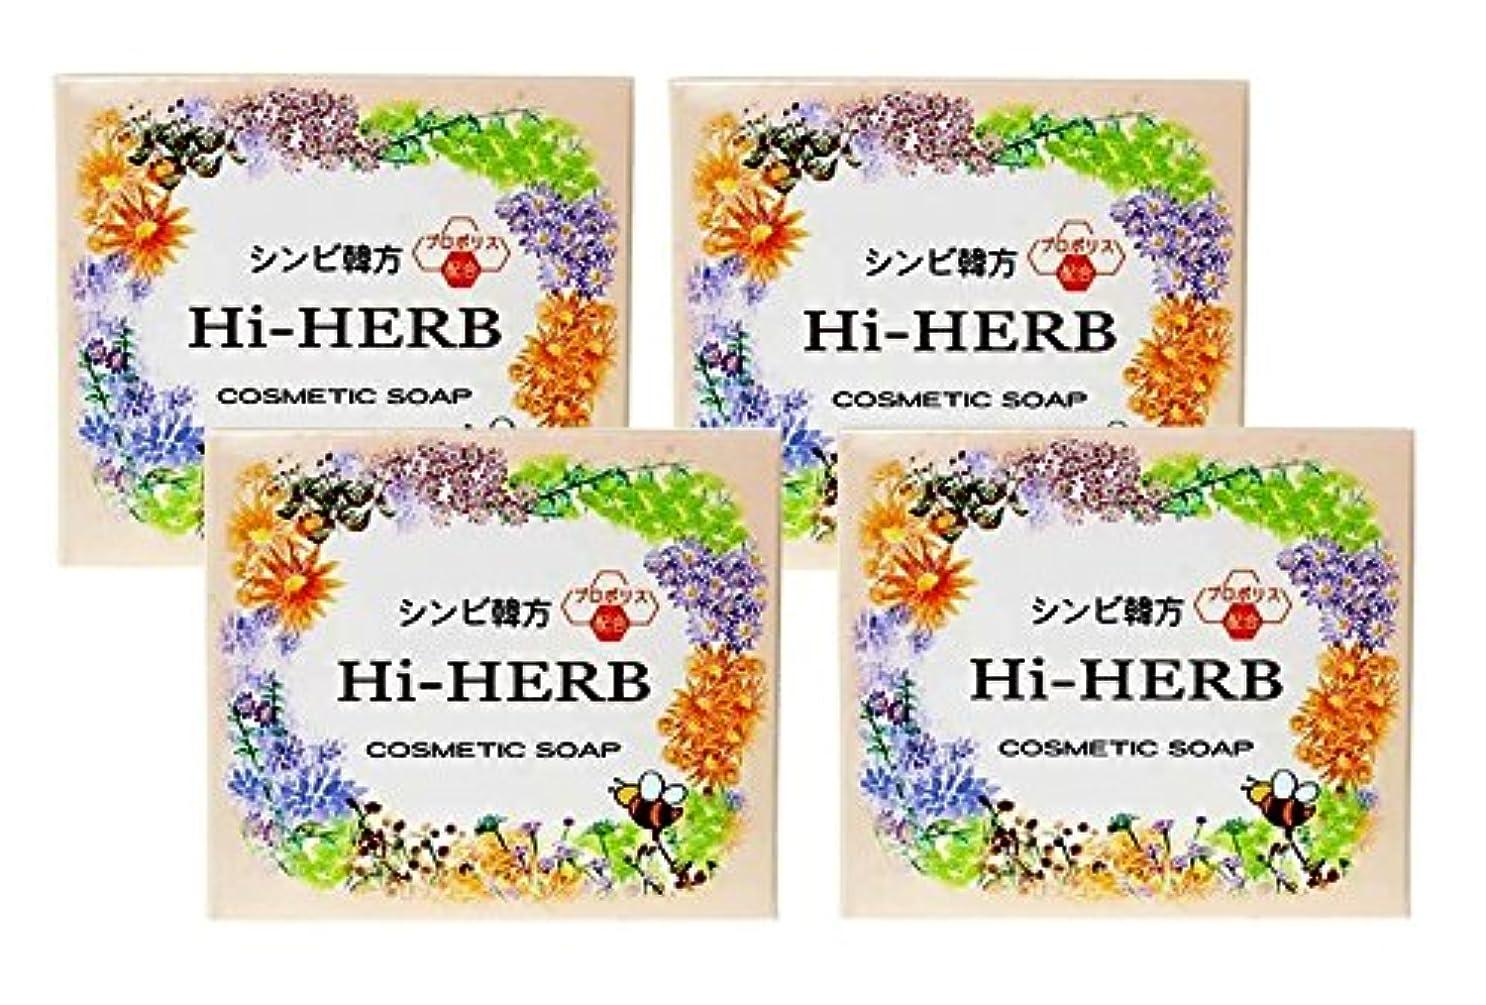 例外十分です解き明かす【シンビ】韓方ハイハーブ石鹸 100g×4個セット